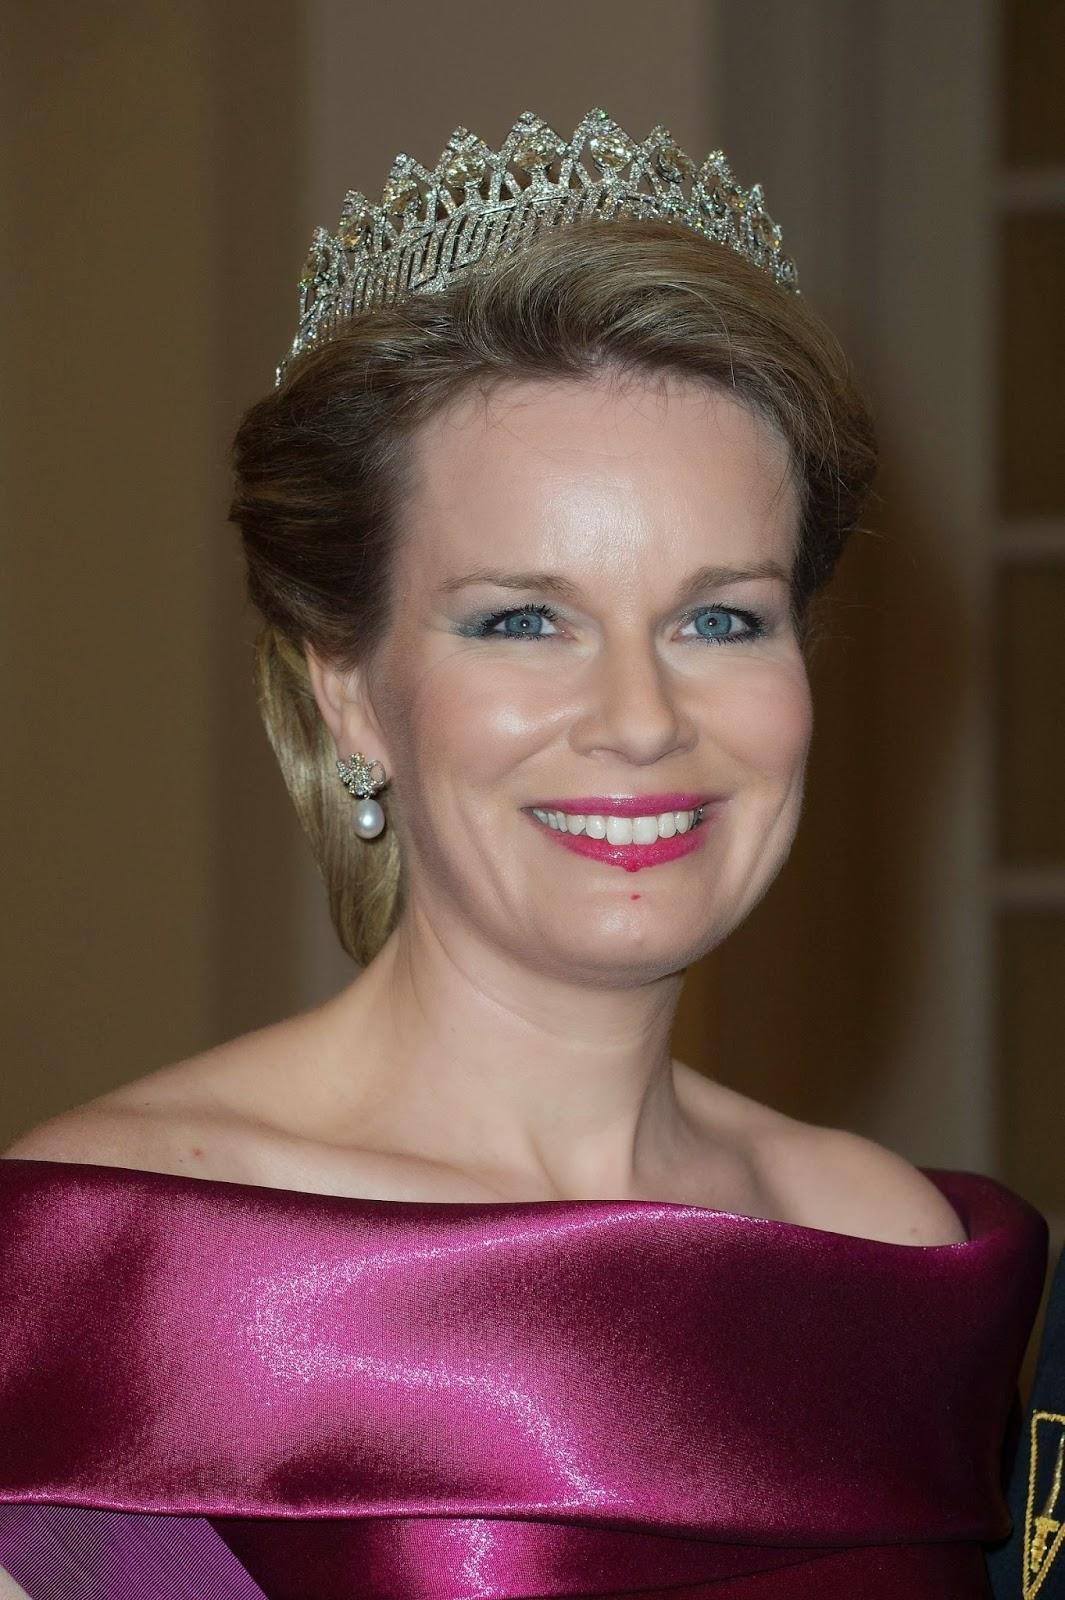 queen - photo #30